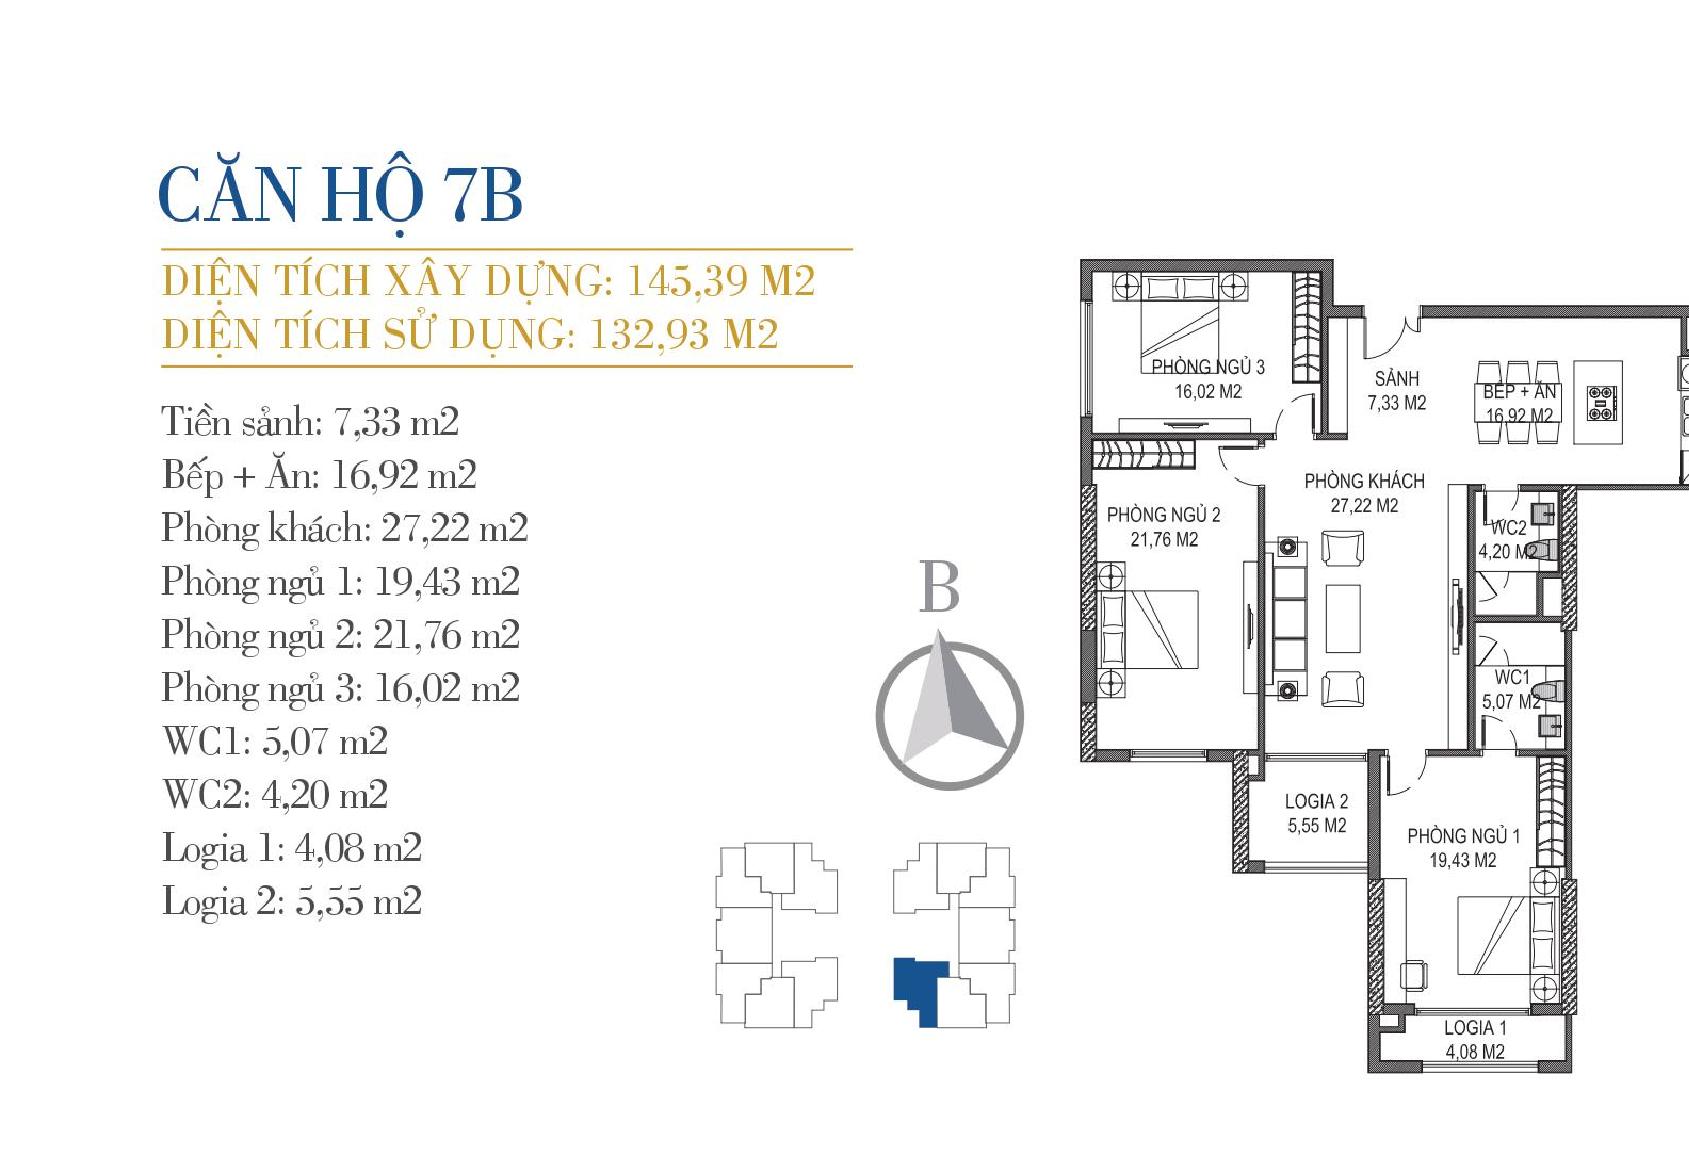 thiết kế căn hộ 7b chung cư sunshine center